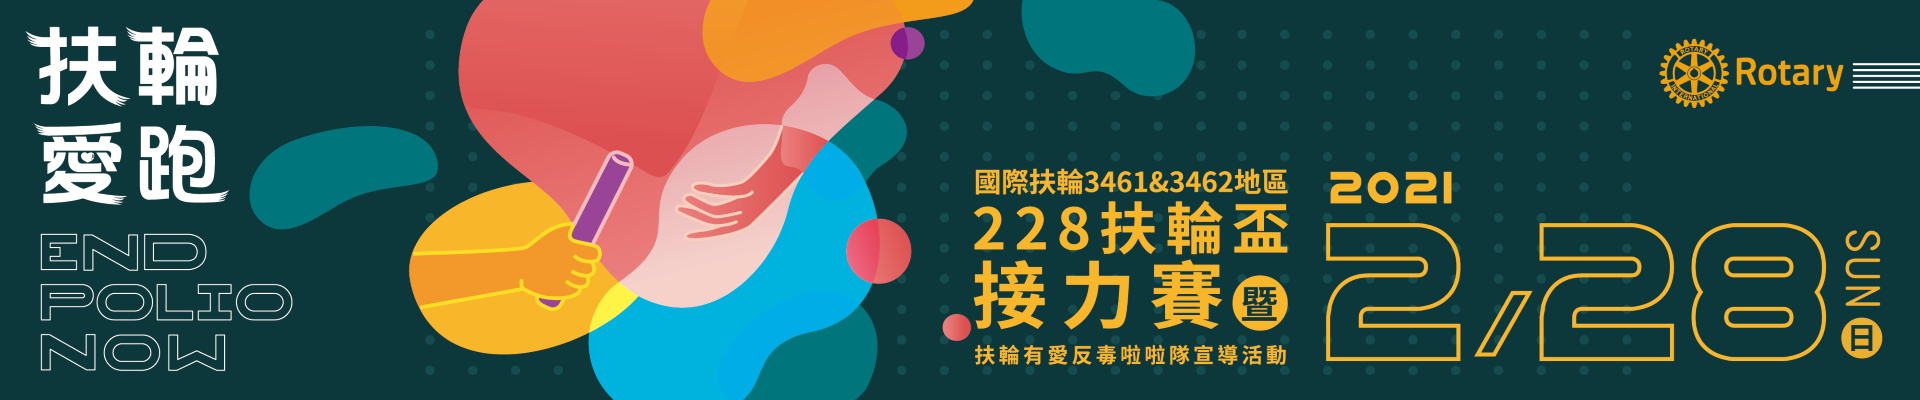 2021 228扶輪盃接力賽暨扶輪有愛反毒啦啦隊宣導活動-主視覺